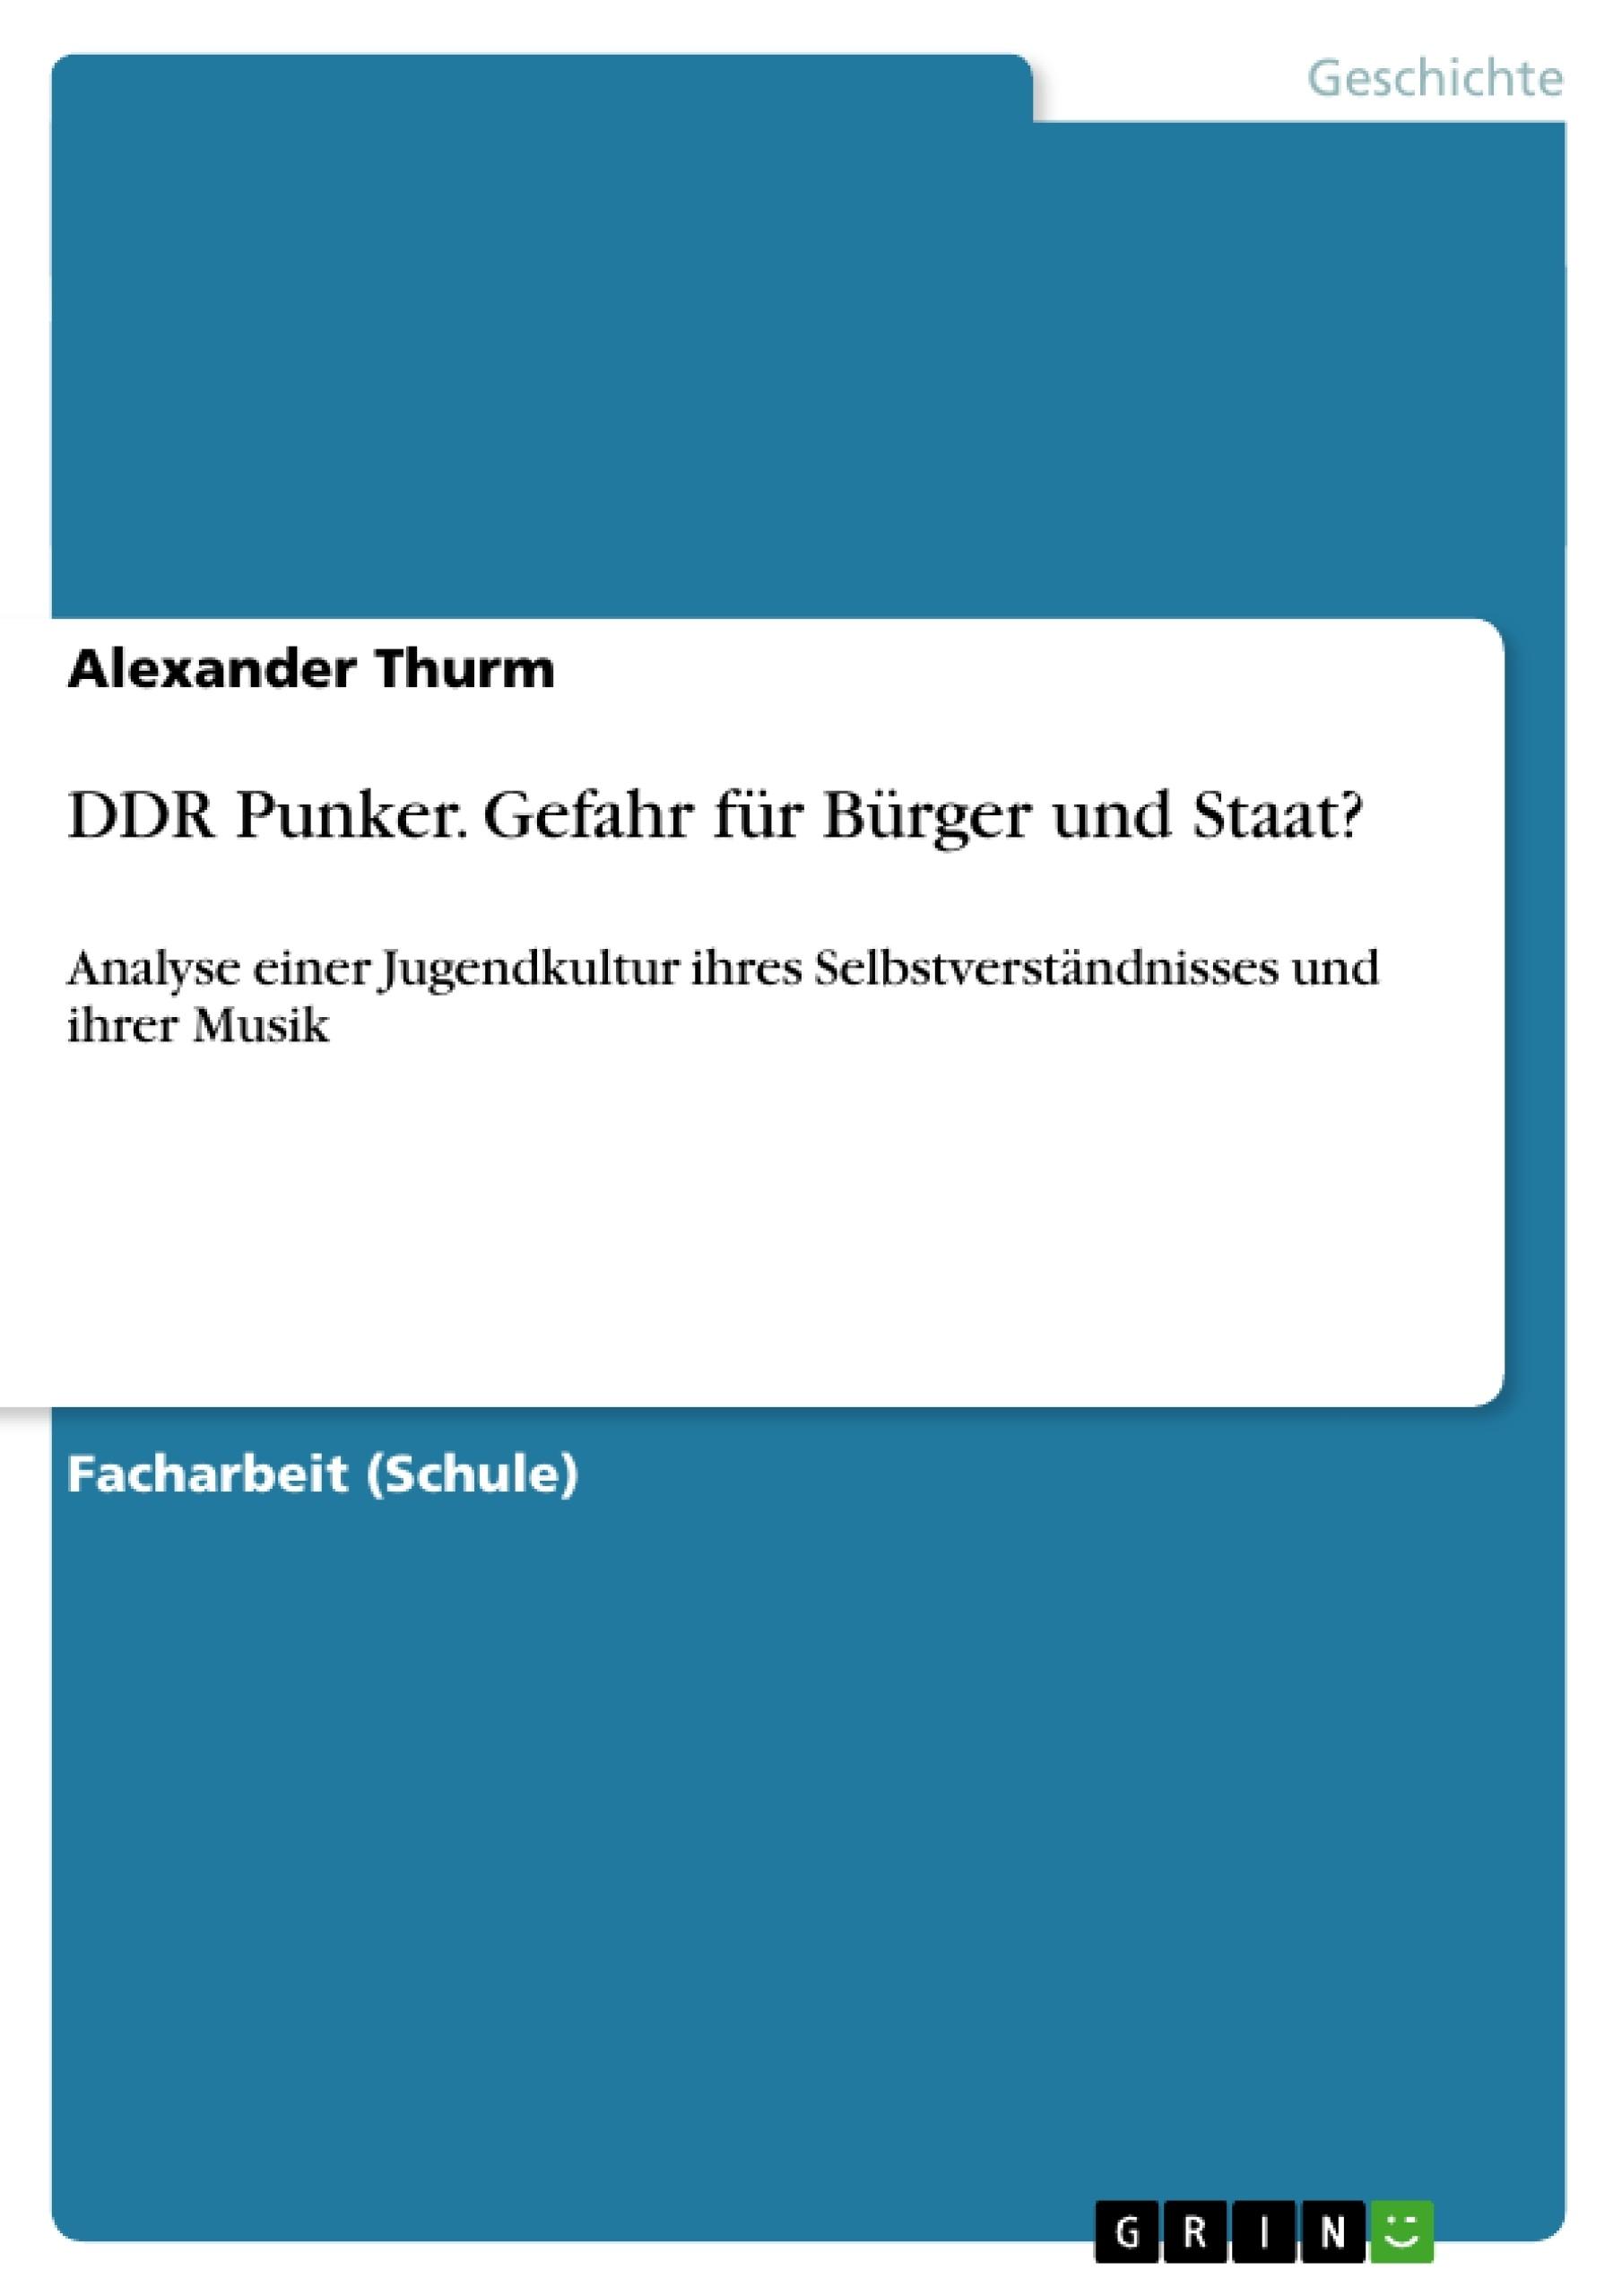 Titel: DDR Punker. Gefahr für Bürger und Staat?